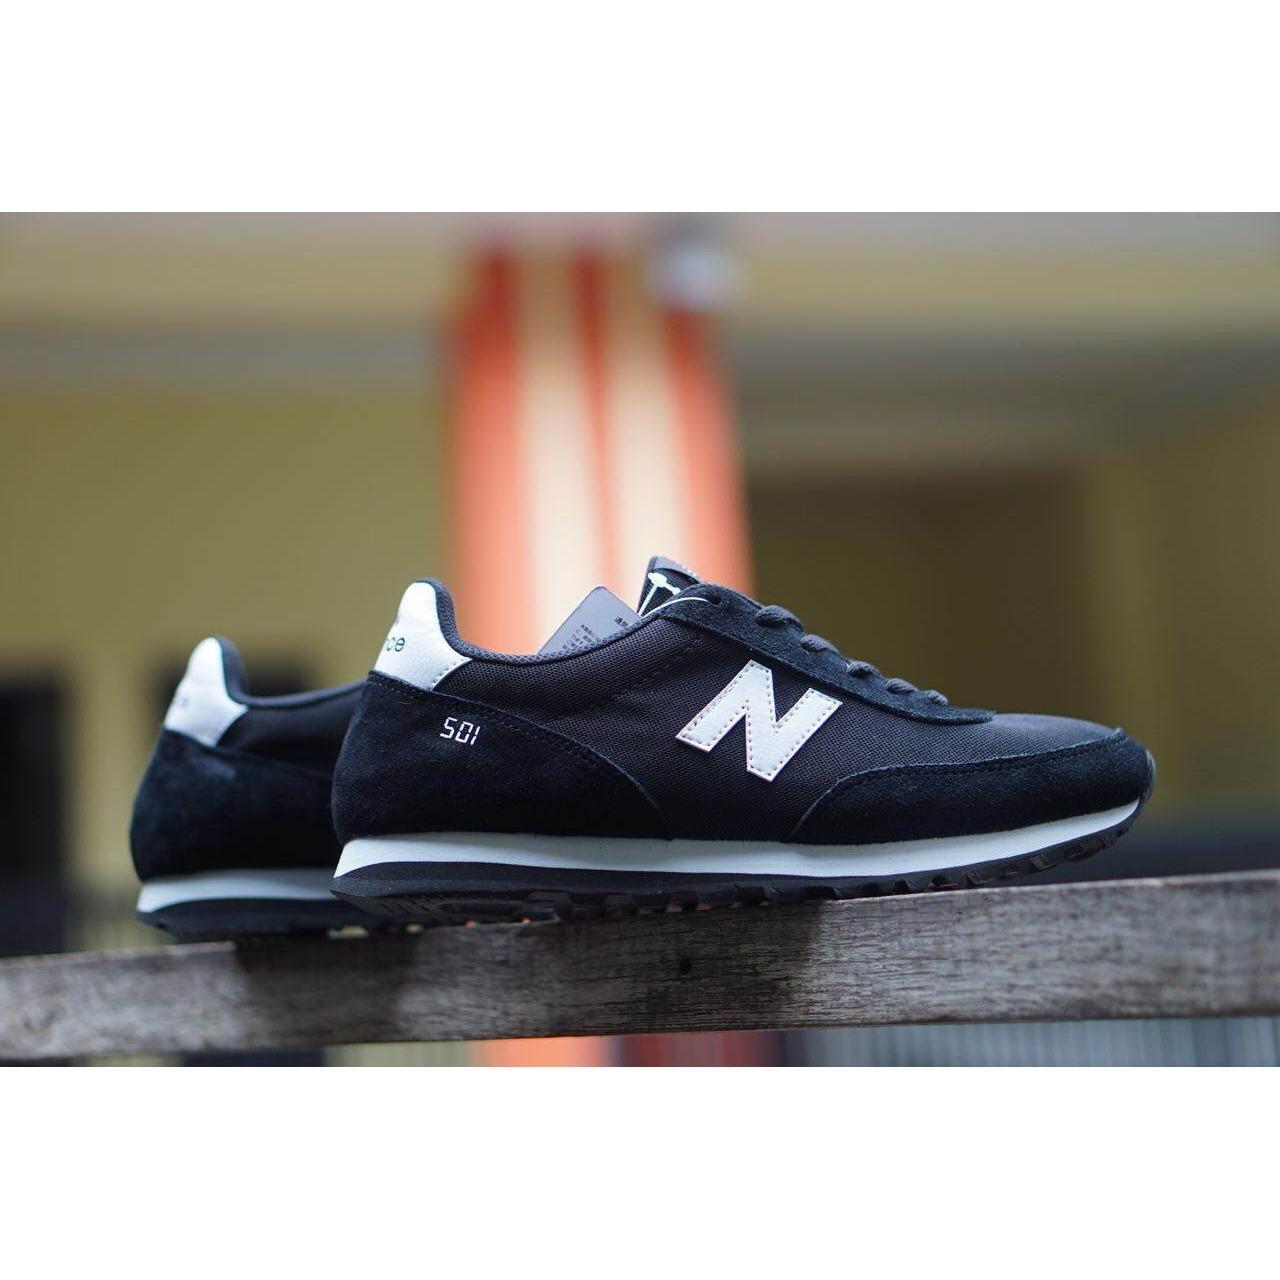 Sepatu Fashion NB - Pria Dan Wanita Permium(Bisa Bayar Di Tempat) a546957d50